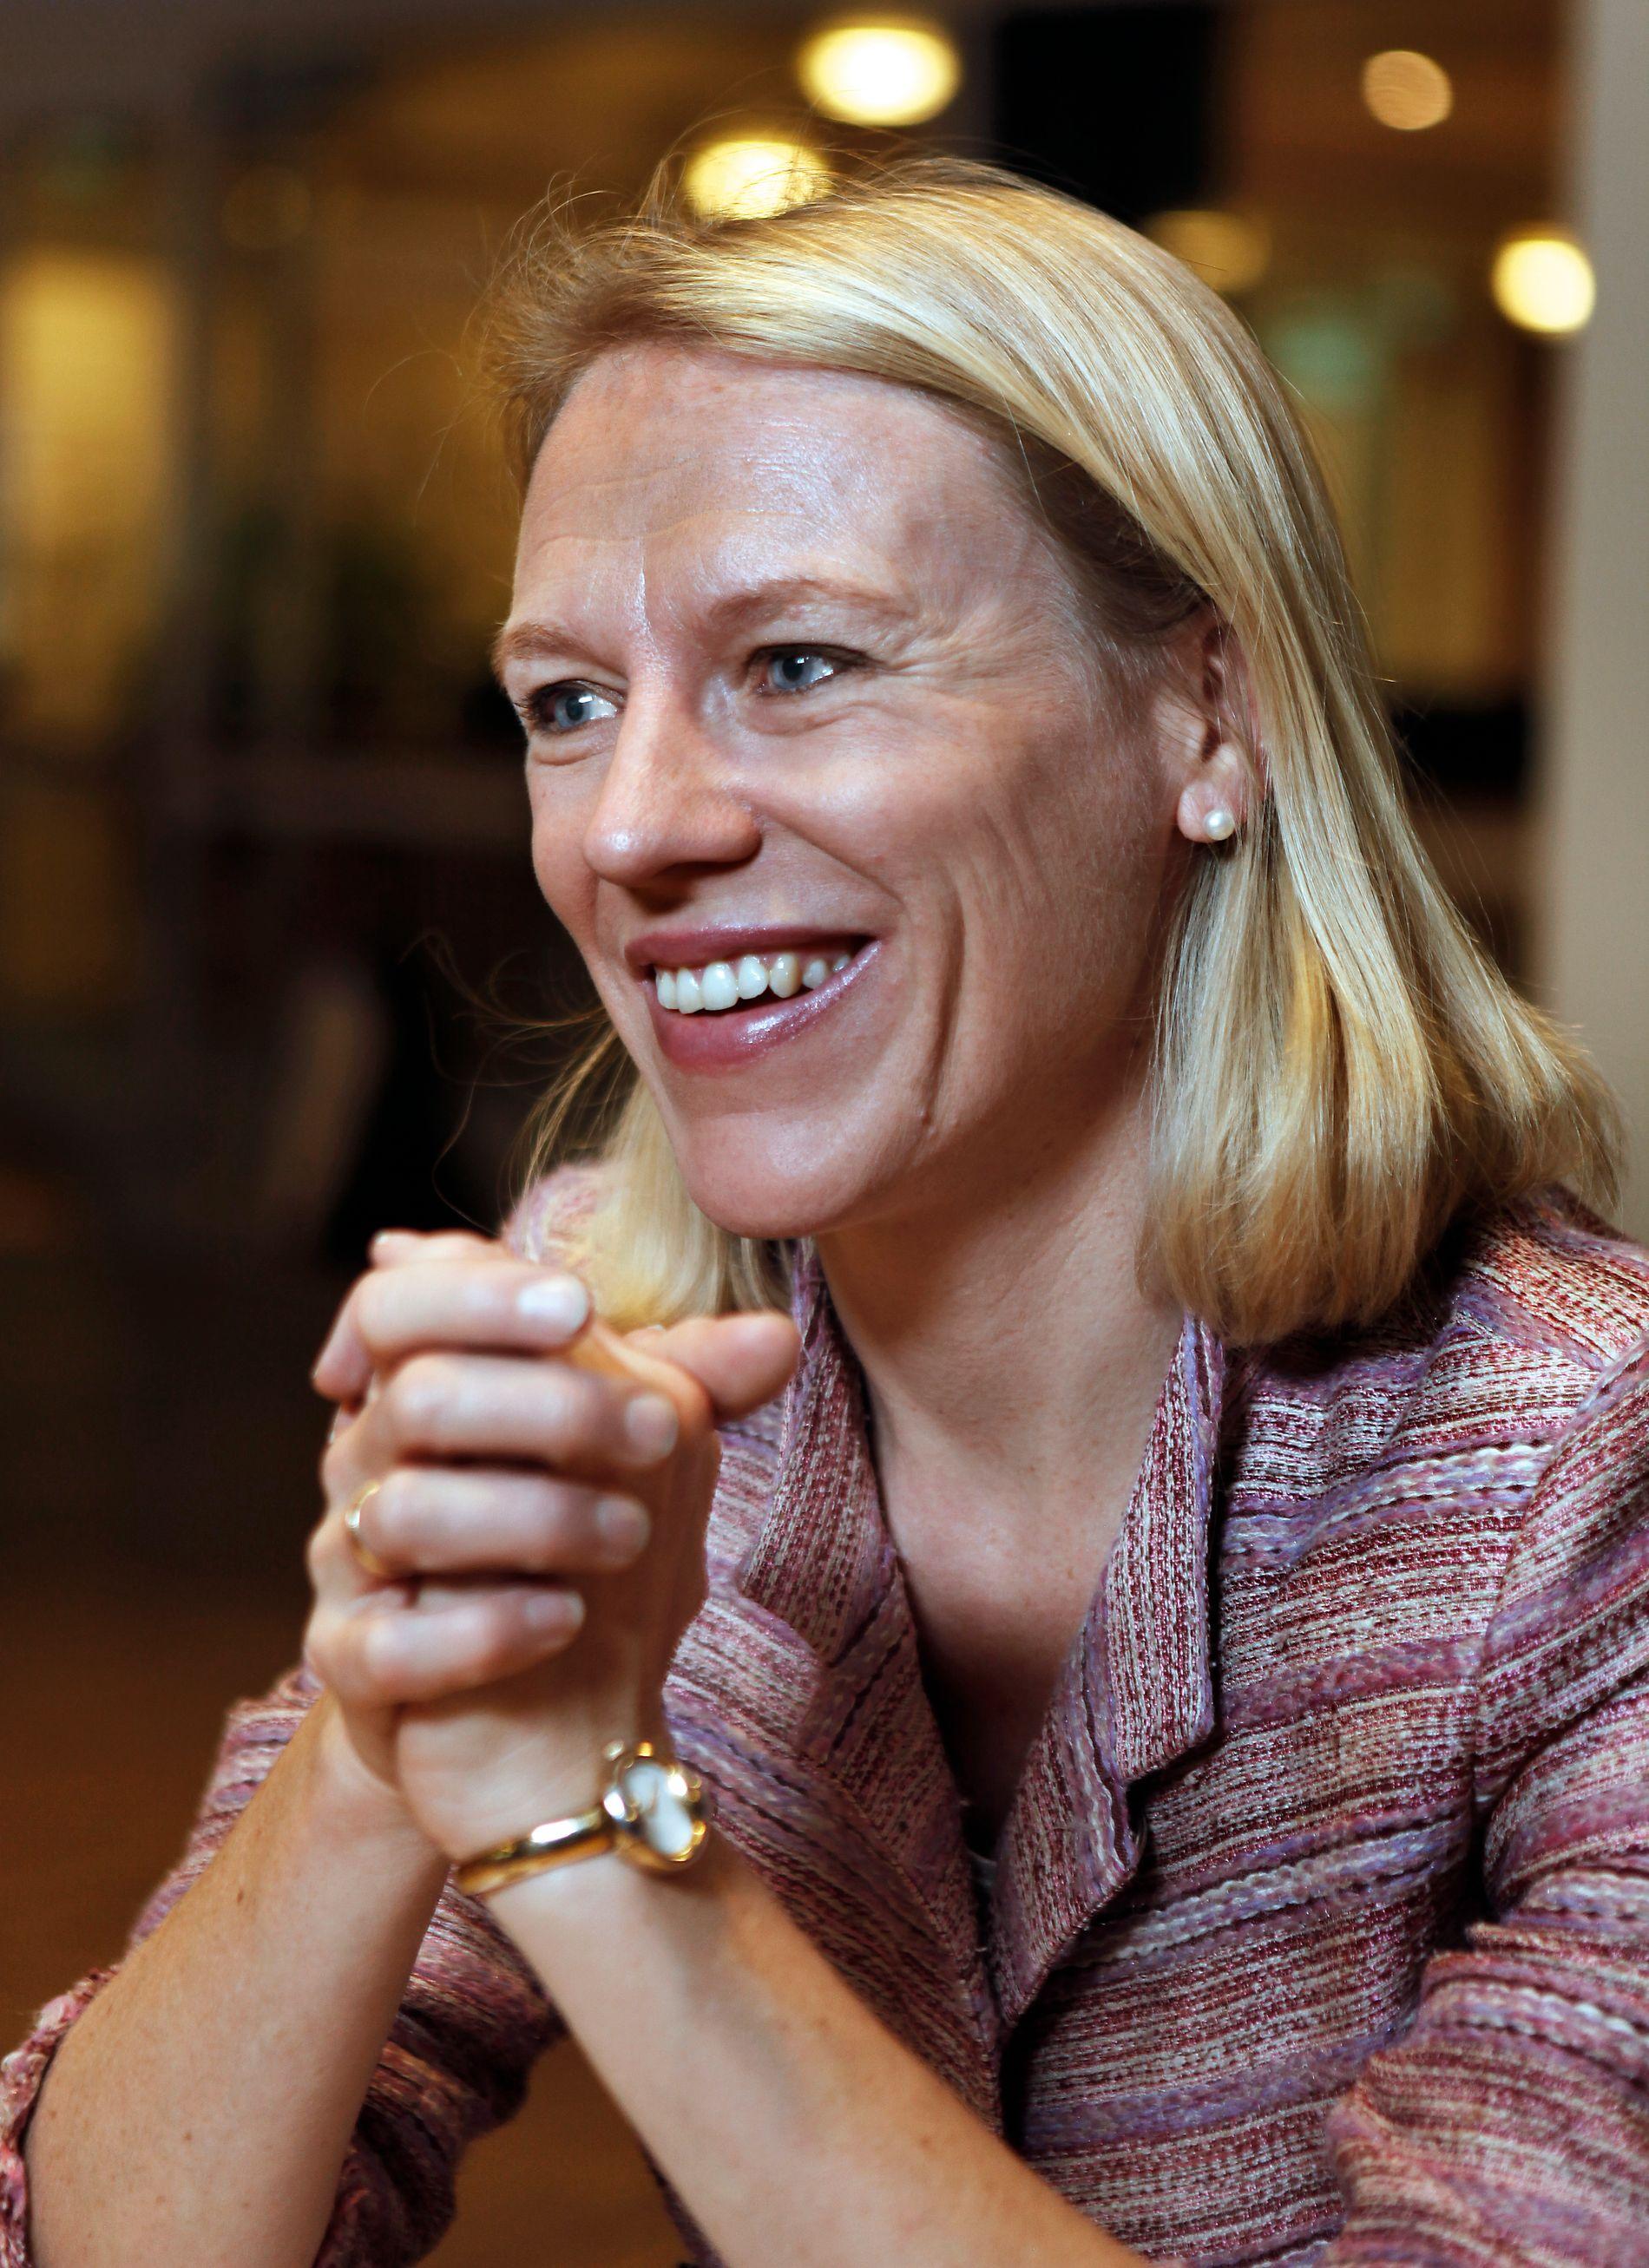 DISKUTERER MED DATTEREN: Anniken Huidtfeldt ser «Skam», selv om datteren syns hun kan la være